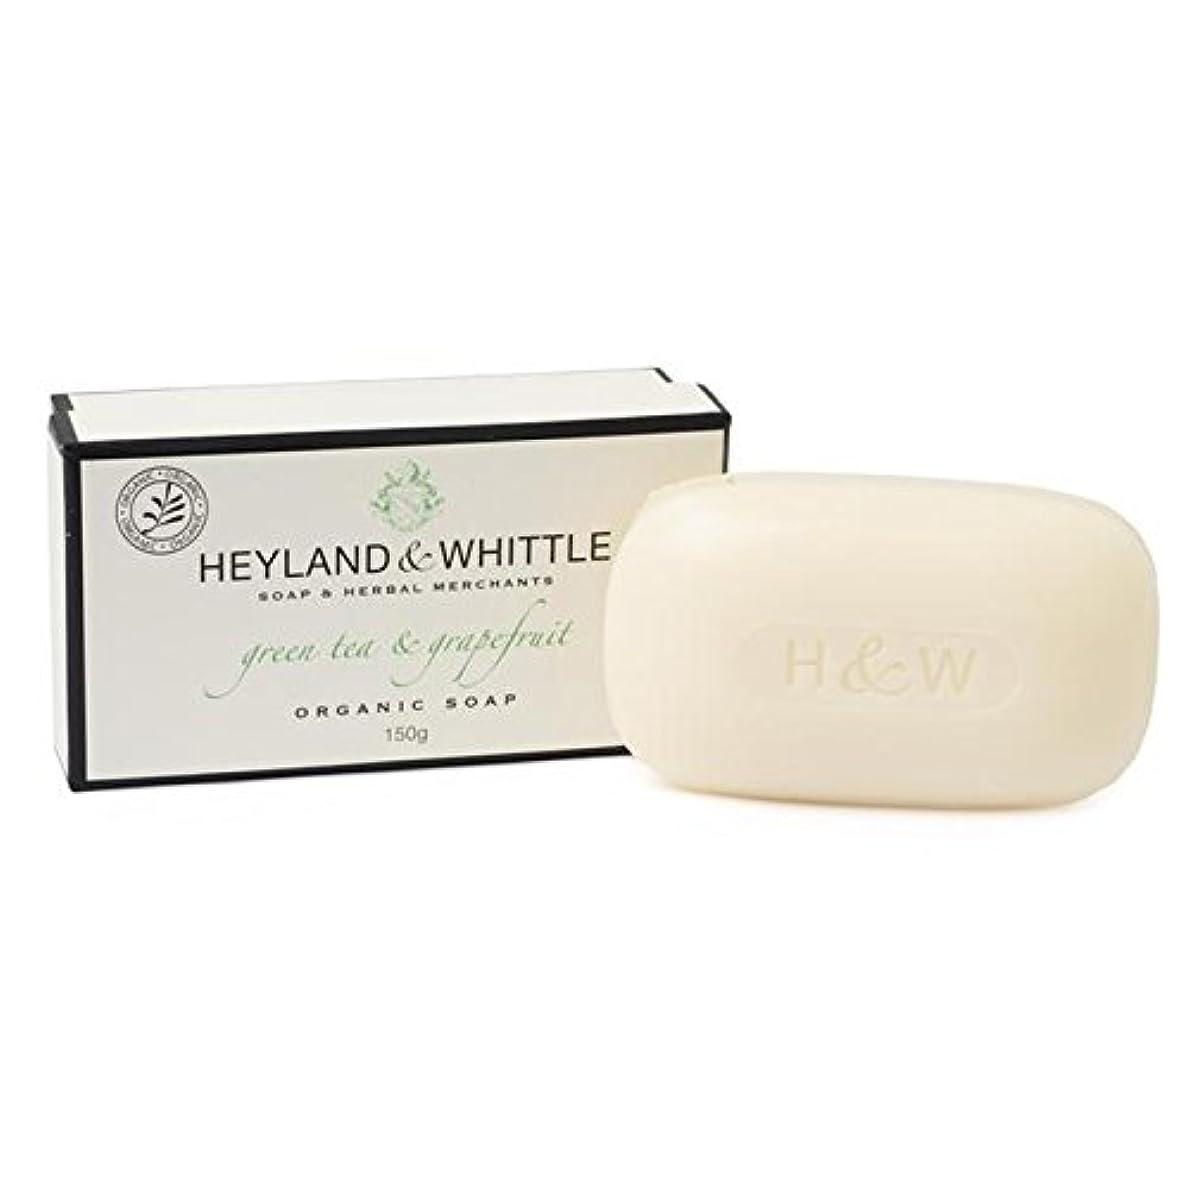 超越する親指アパルHeyland & Whittle Green Tea & Grapefruit Boxed Organic Soap 150g - &削る緑茶&グレープフルーツはオーガニックソープ150グラム箱入り [並行輸入品]